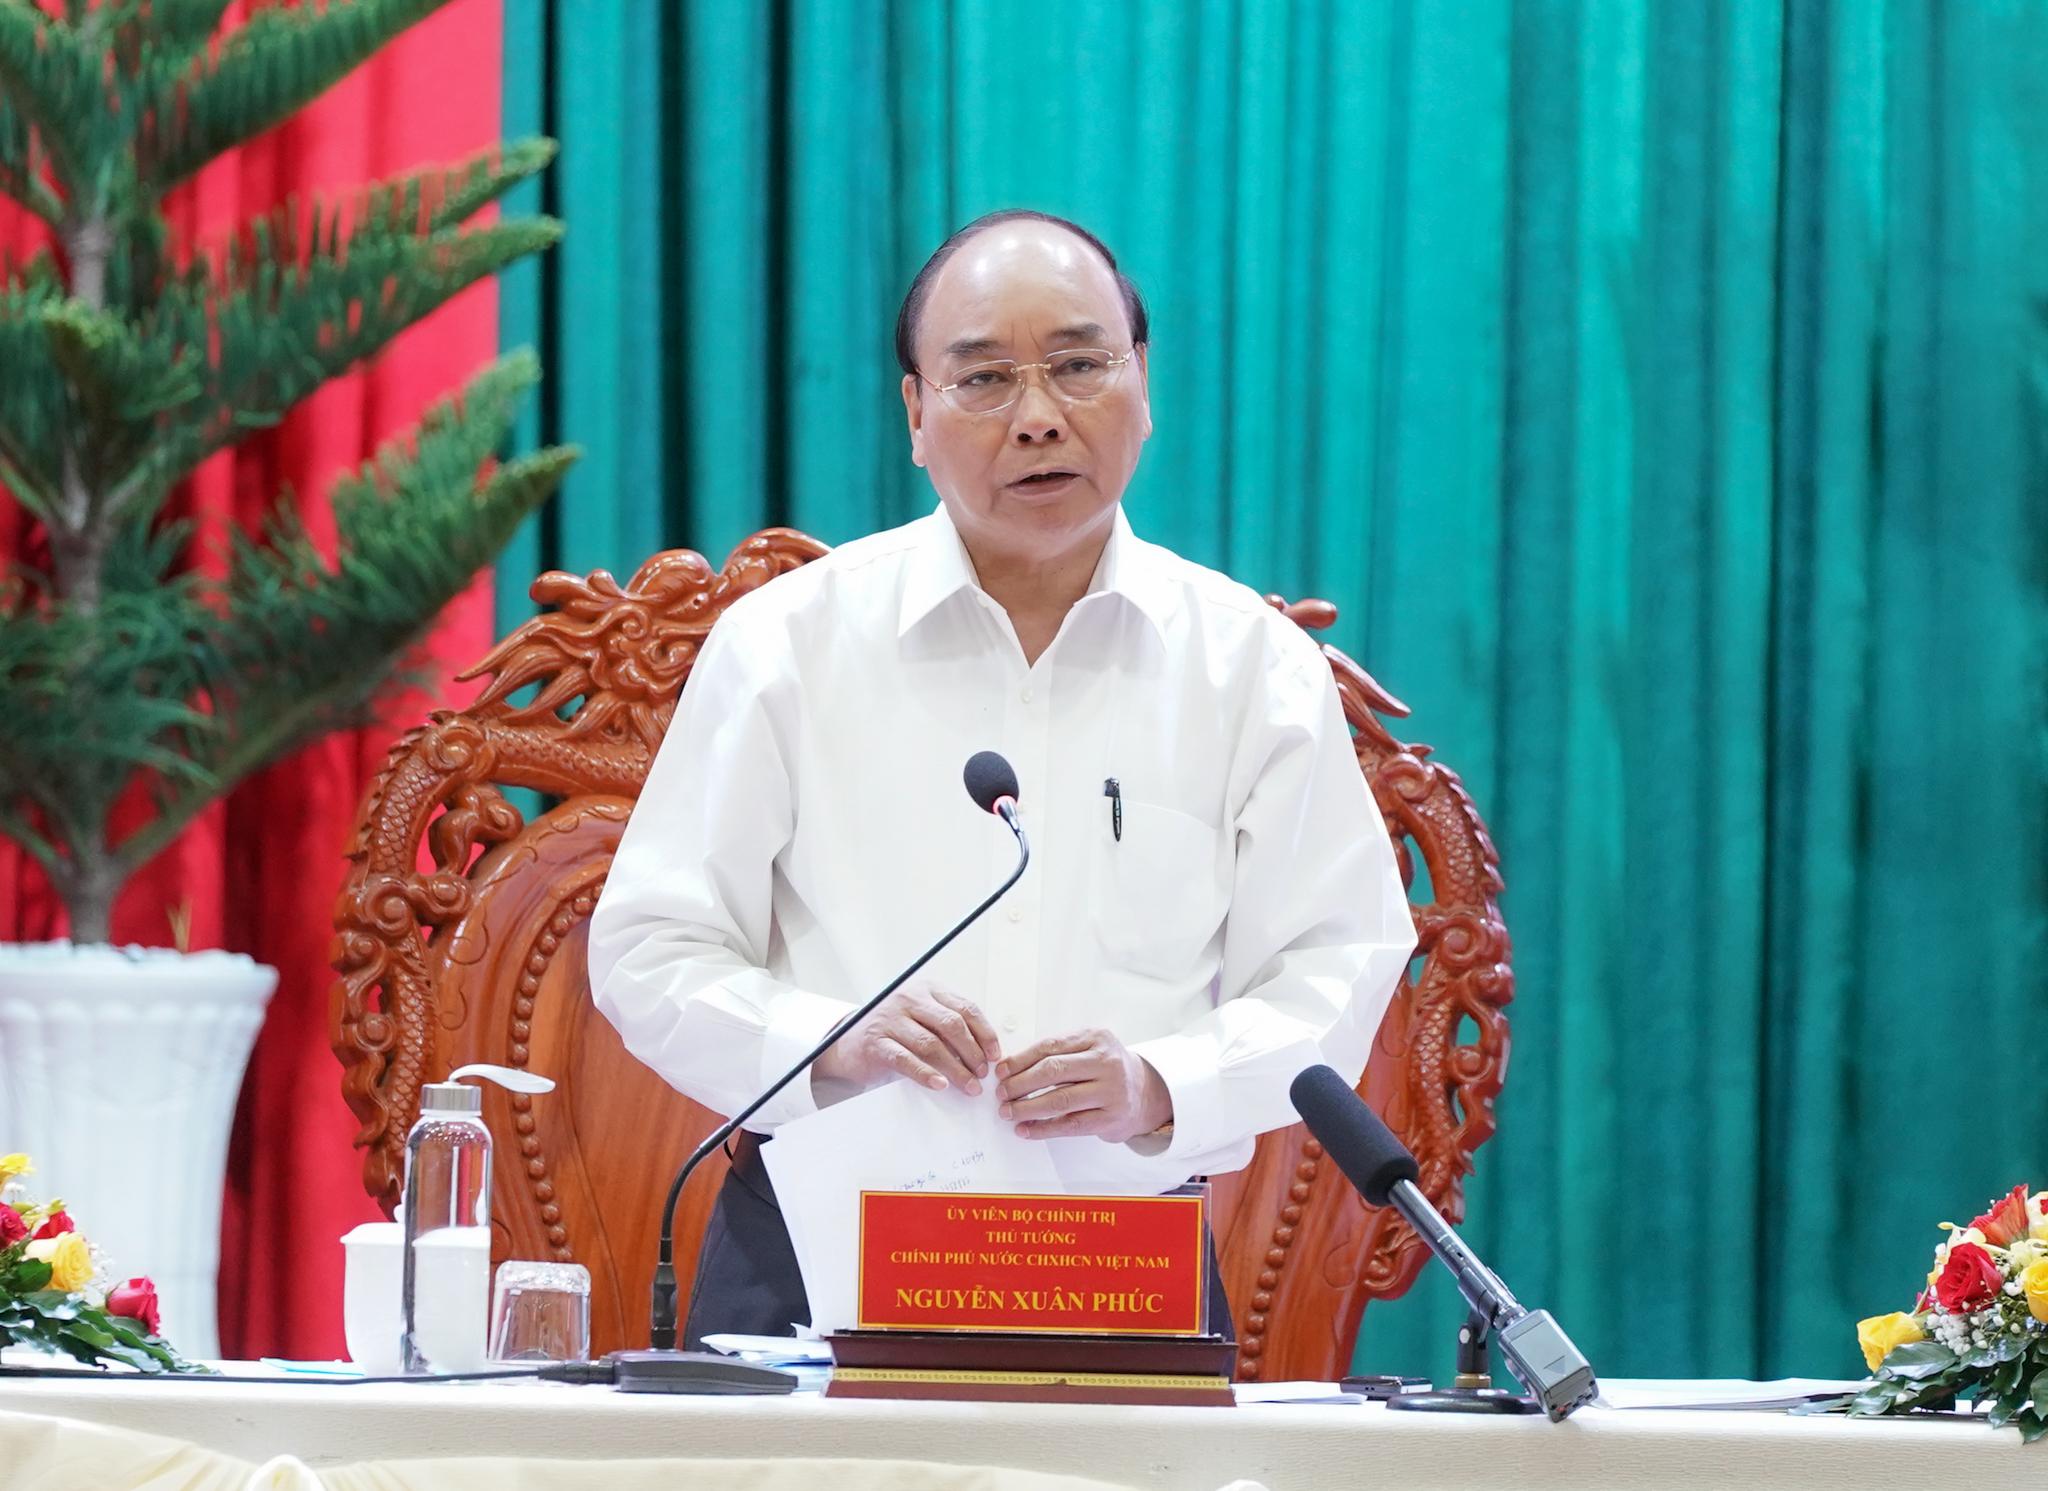 Thủ tướng Nguyễn Xuân Phúc phát biểu tại cuộc làm việc. - Ảnh: VGP/Quang Hiếu